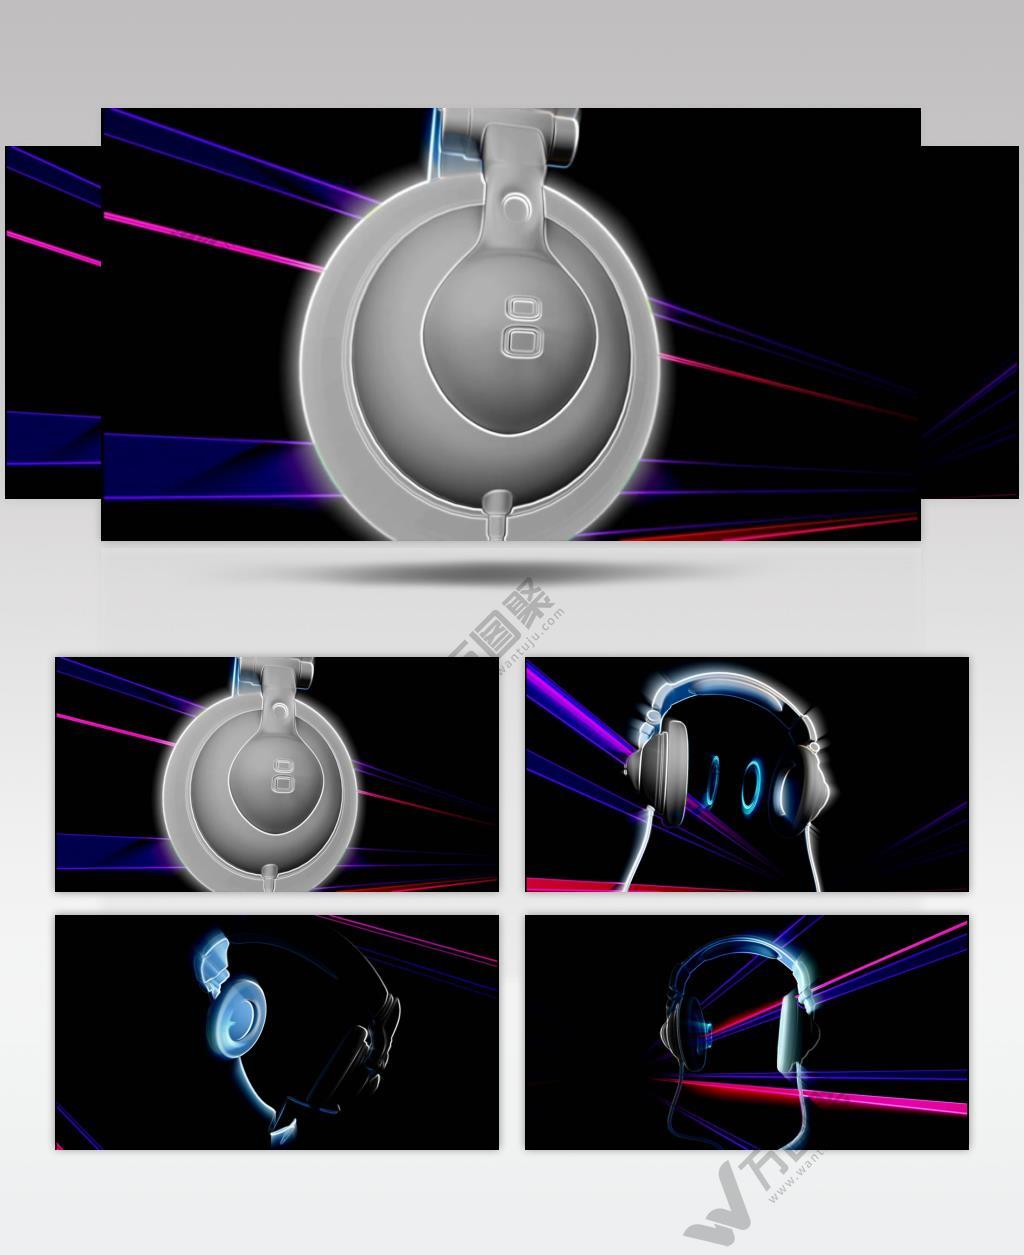 音乐喇叭 dj_headphones_2_hd 酒吧视频 dj舞曲 夜店视频 酒吧音乐喇叭